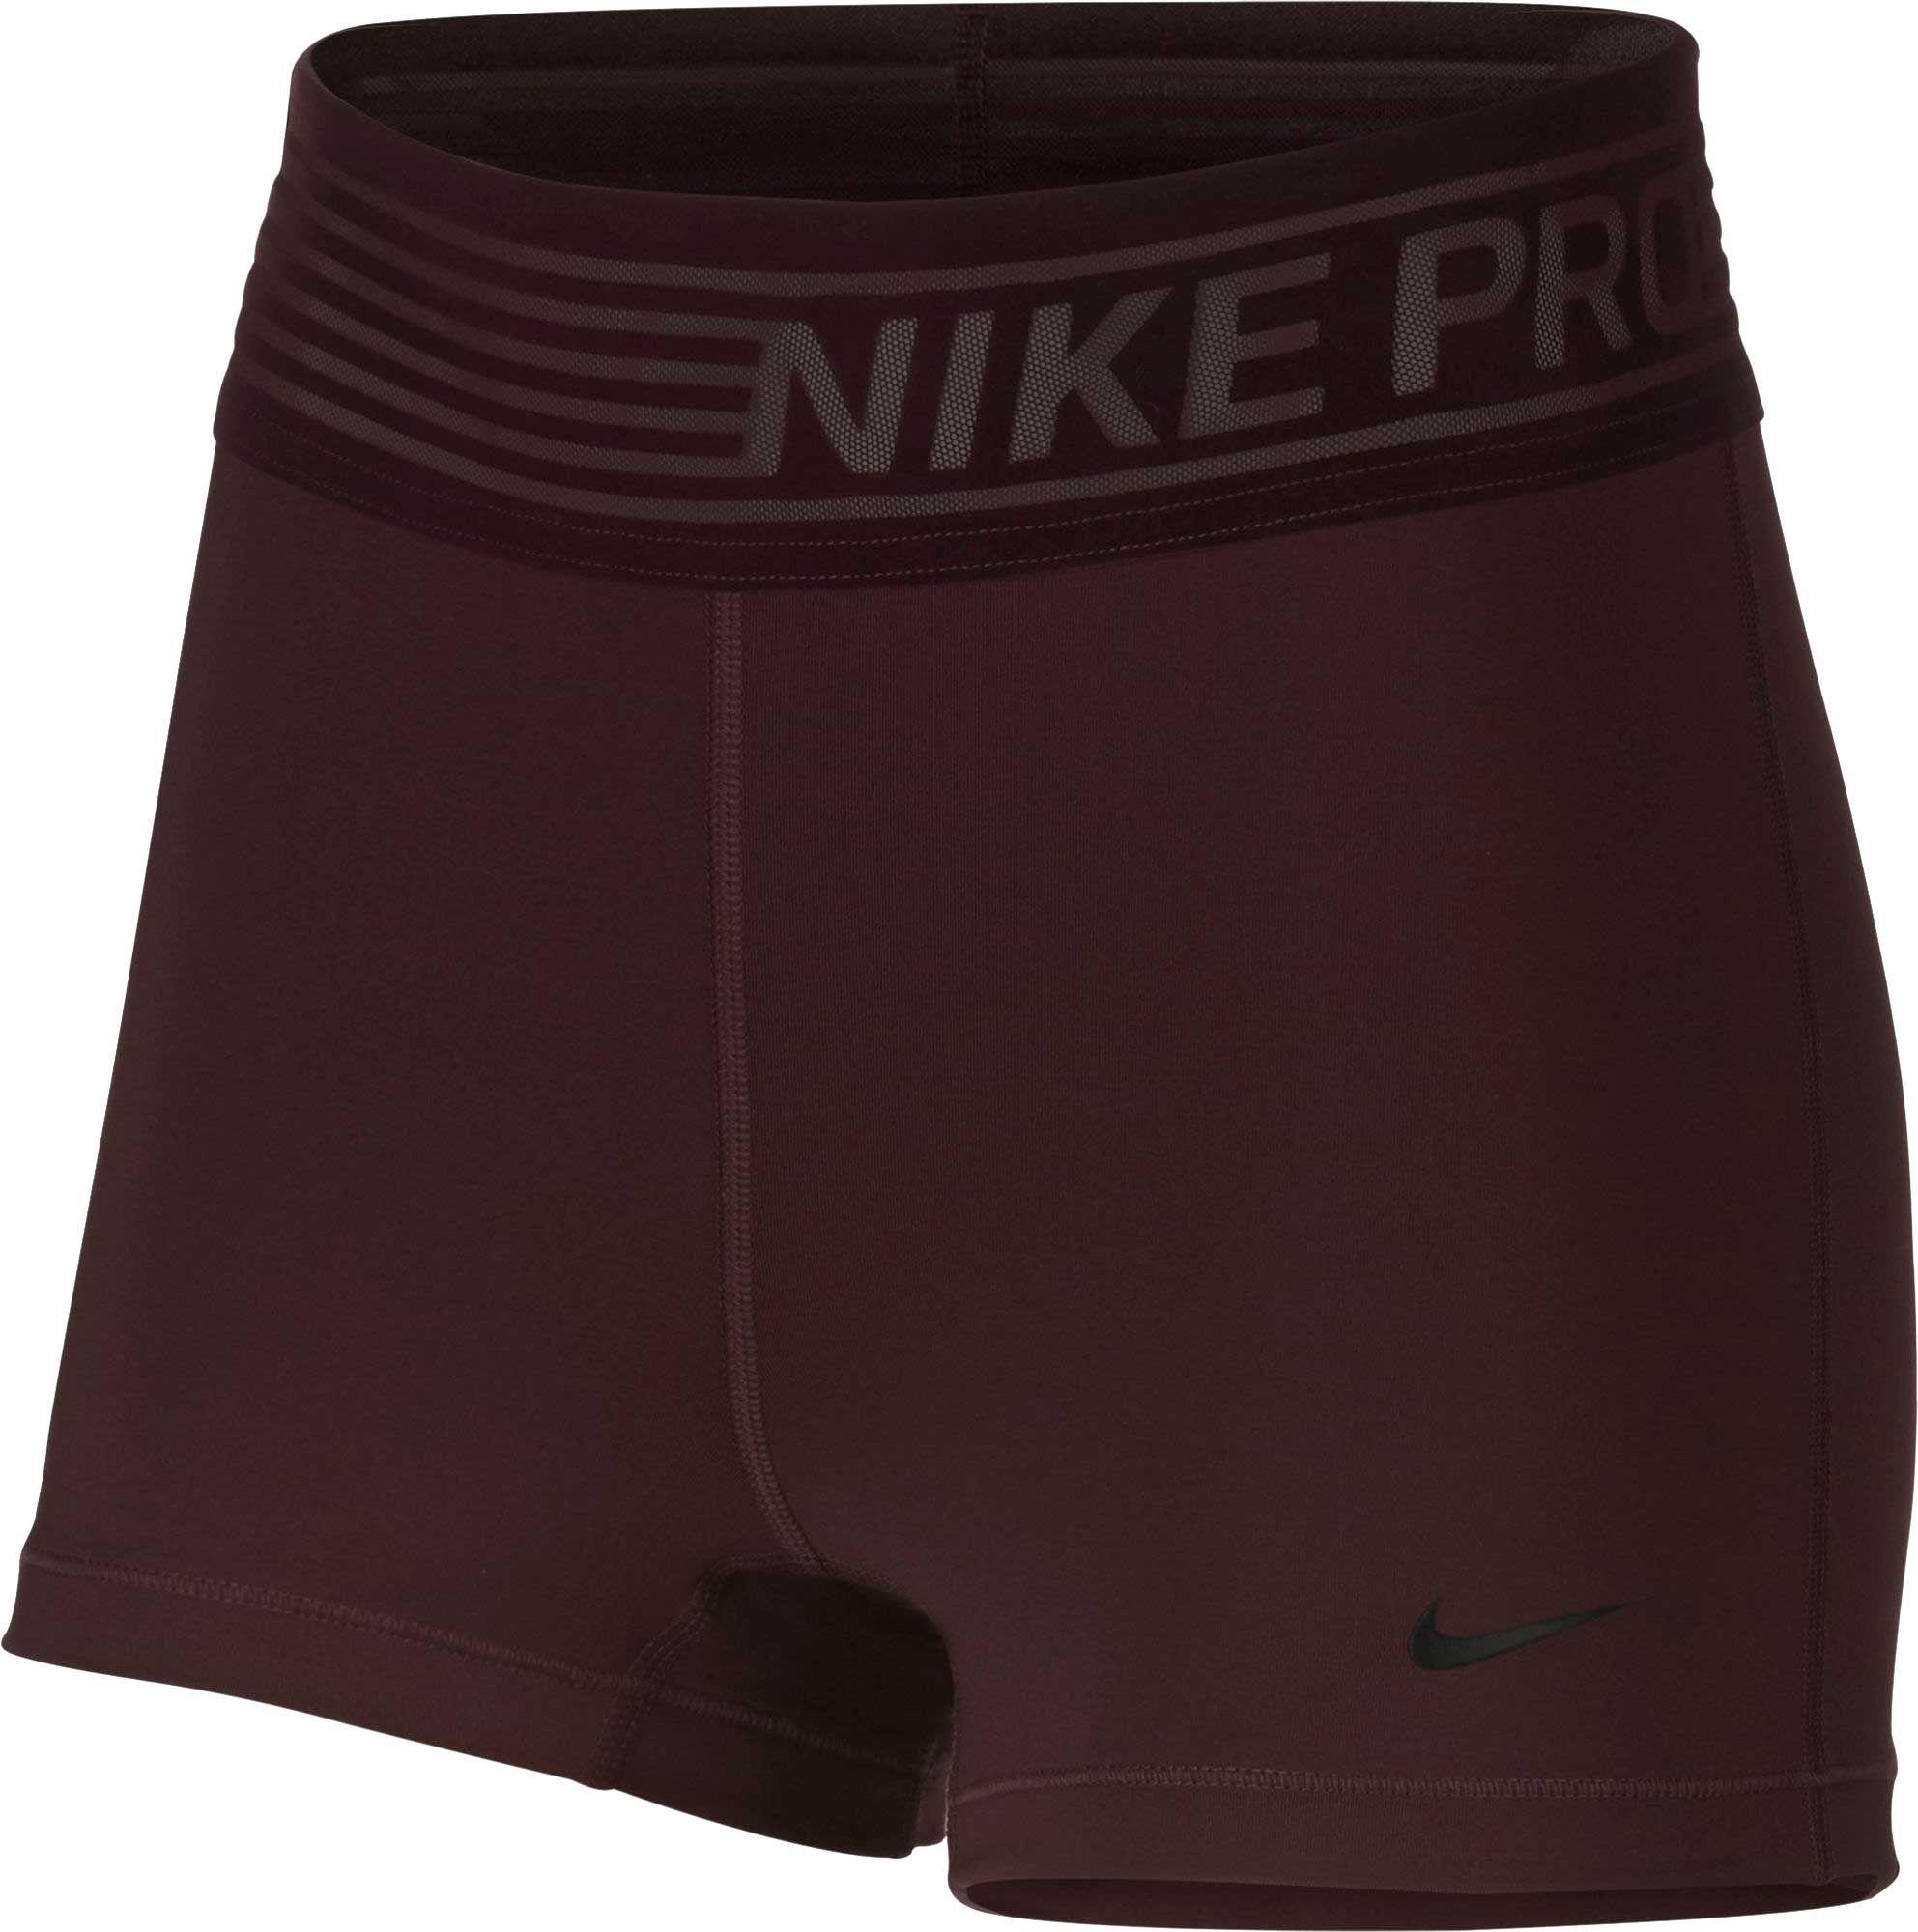 Moderne Nike Bekleidung # H17g96 | Damen Nike Pro Coral